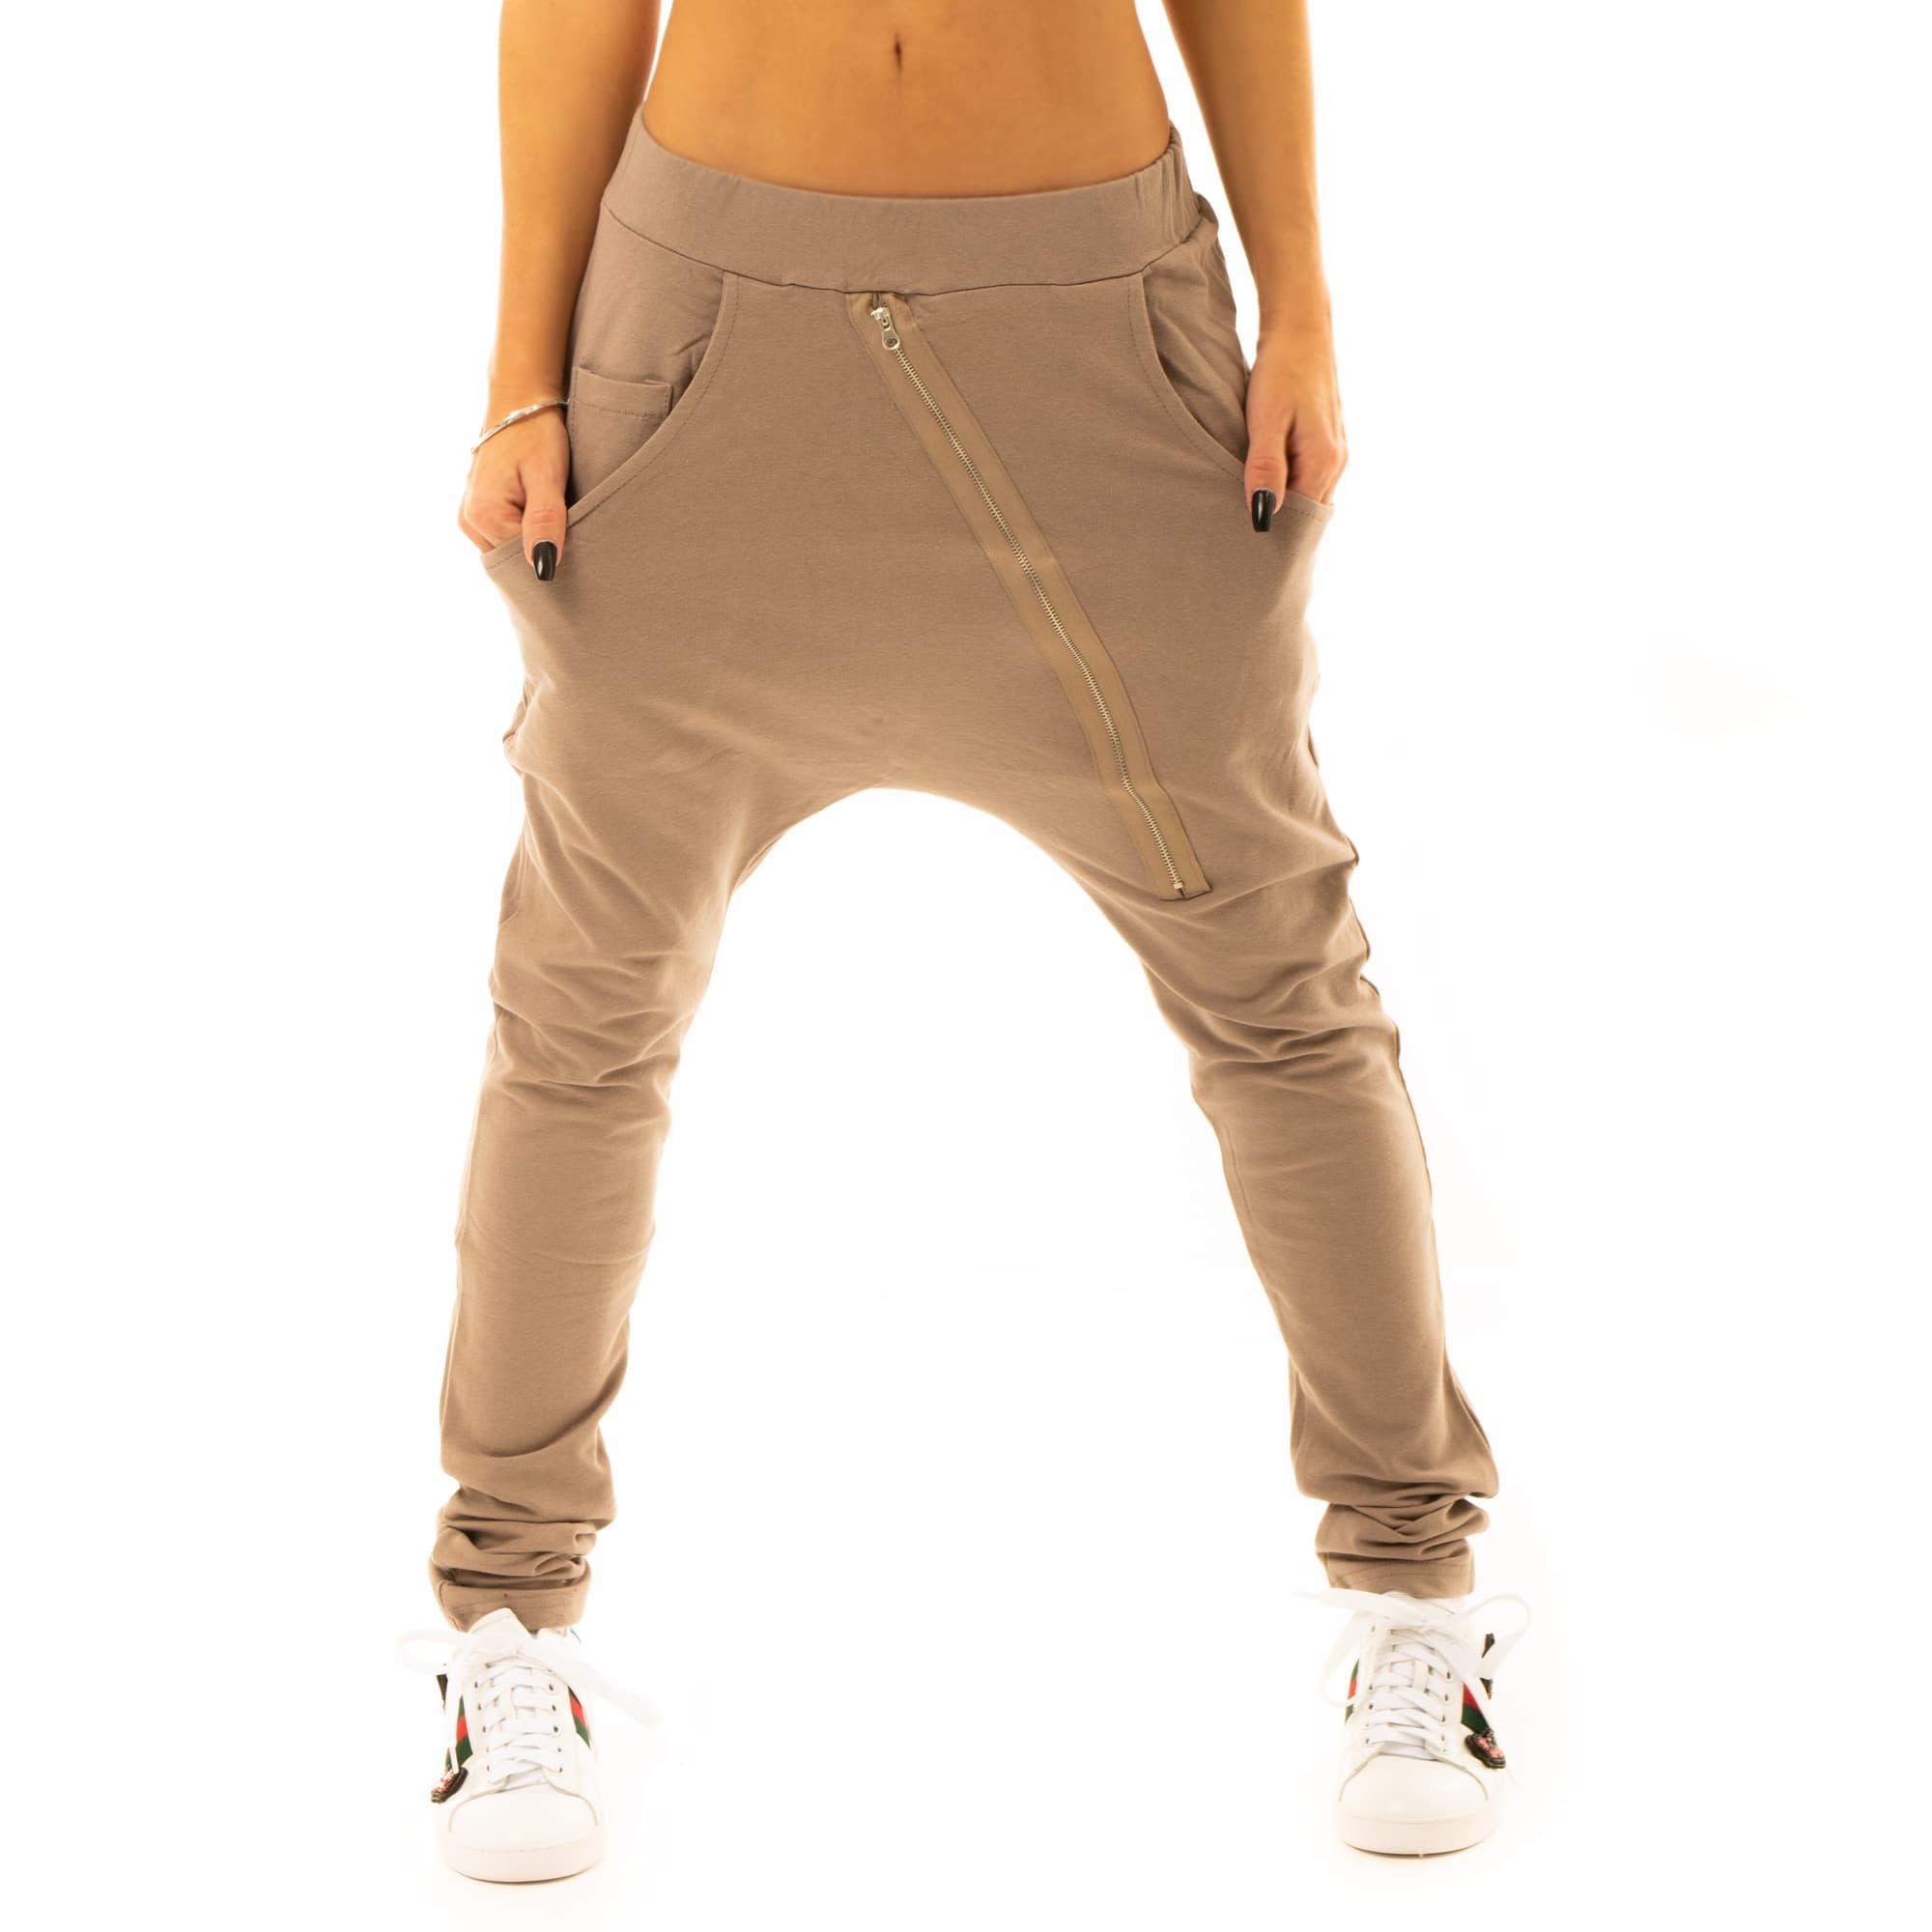 55c5bd4bb202 ... Dámska móda a doplnky - Háremové nohavice so zipsom - svetlo hnedé